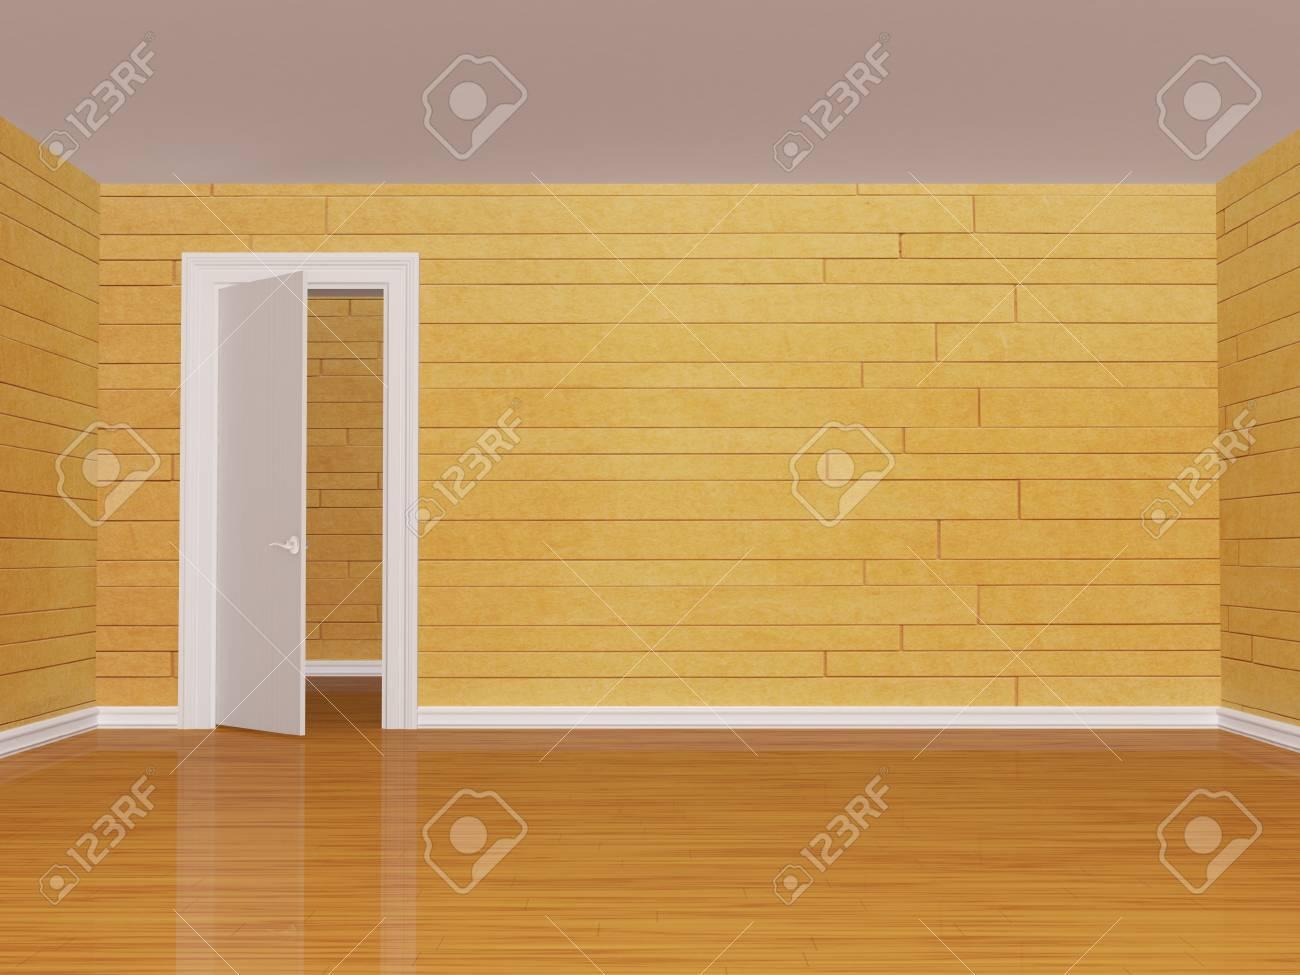 empty room with open  door Stock Photo - 13171977